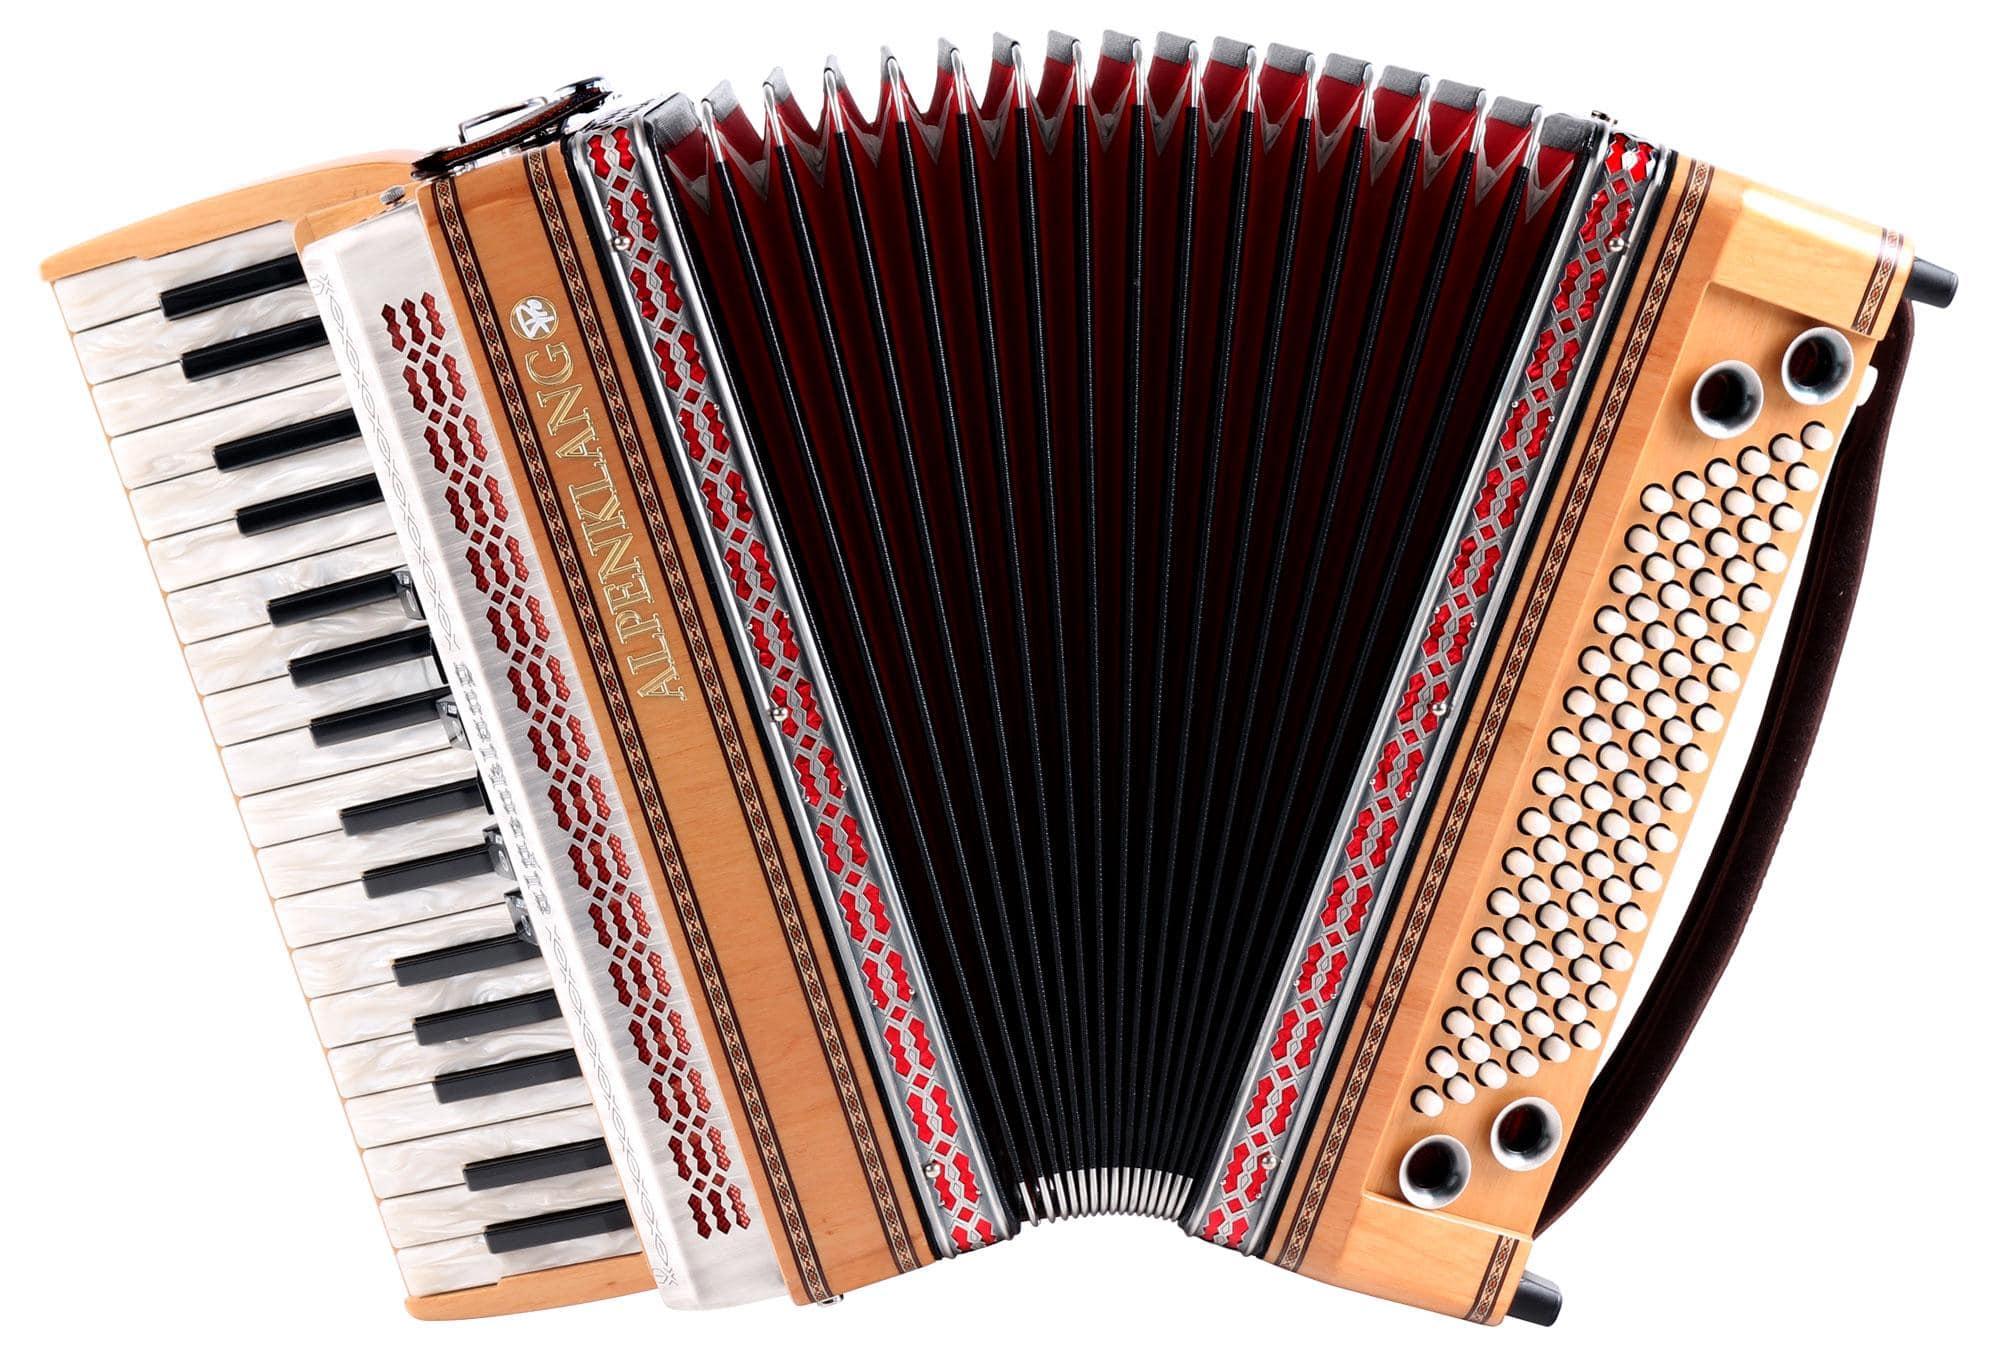 Akkordeons - Alpenklang Pro Akkordeon III 96 Tasten Steirische, Erle mit roter Einlage in der Zierblende - Onlineshop Musikhaus Kirstein